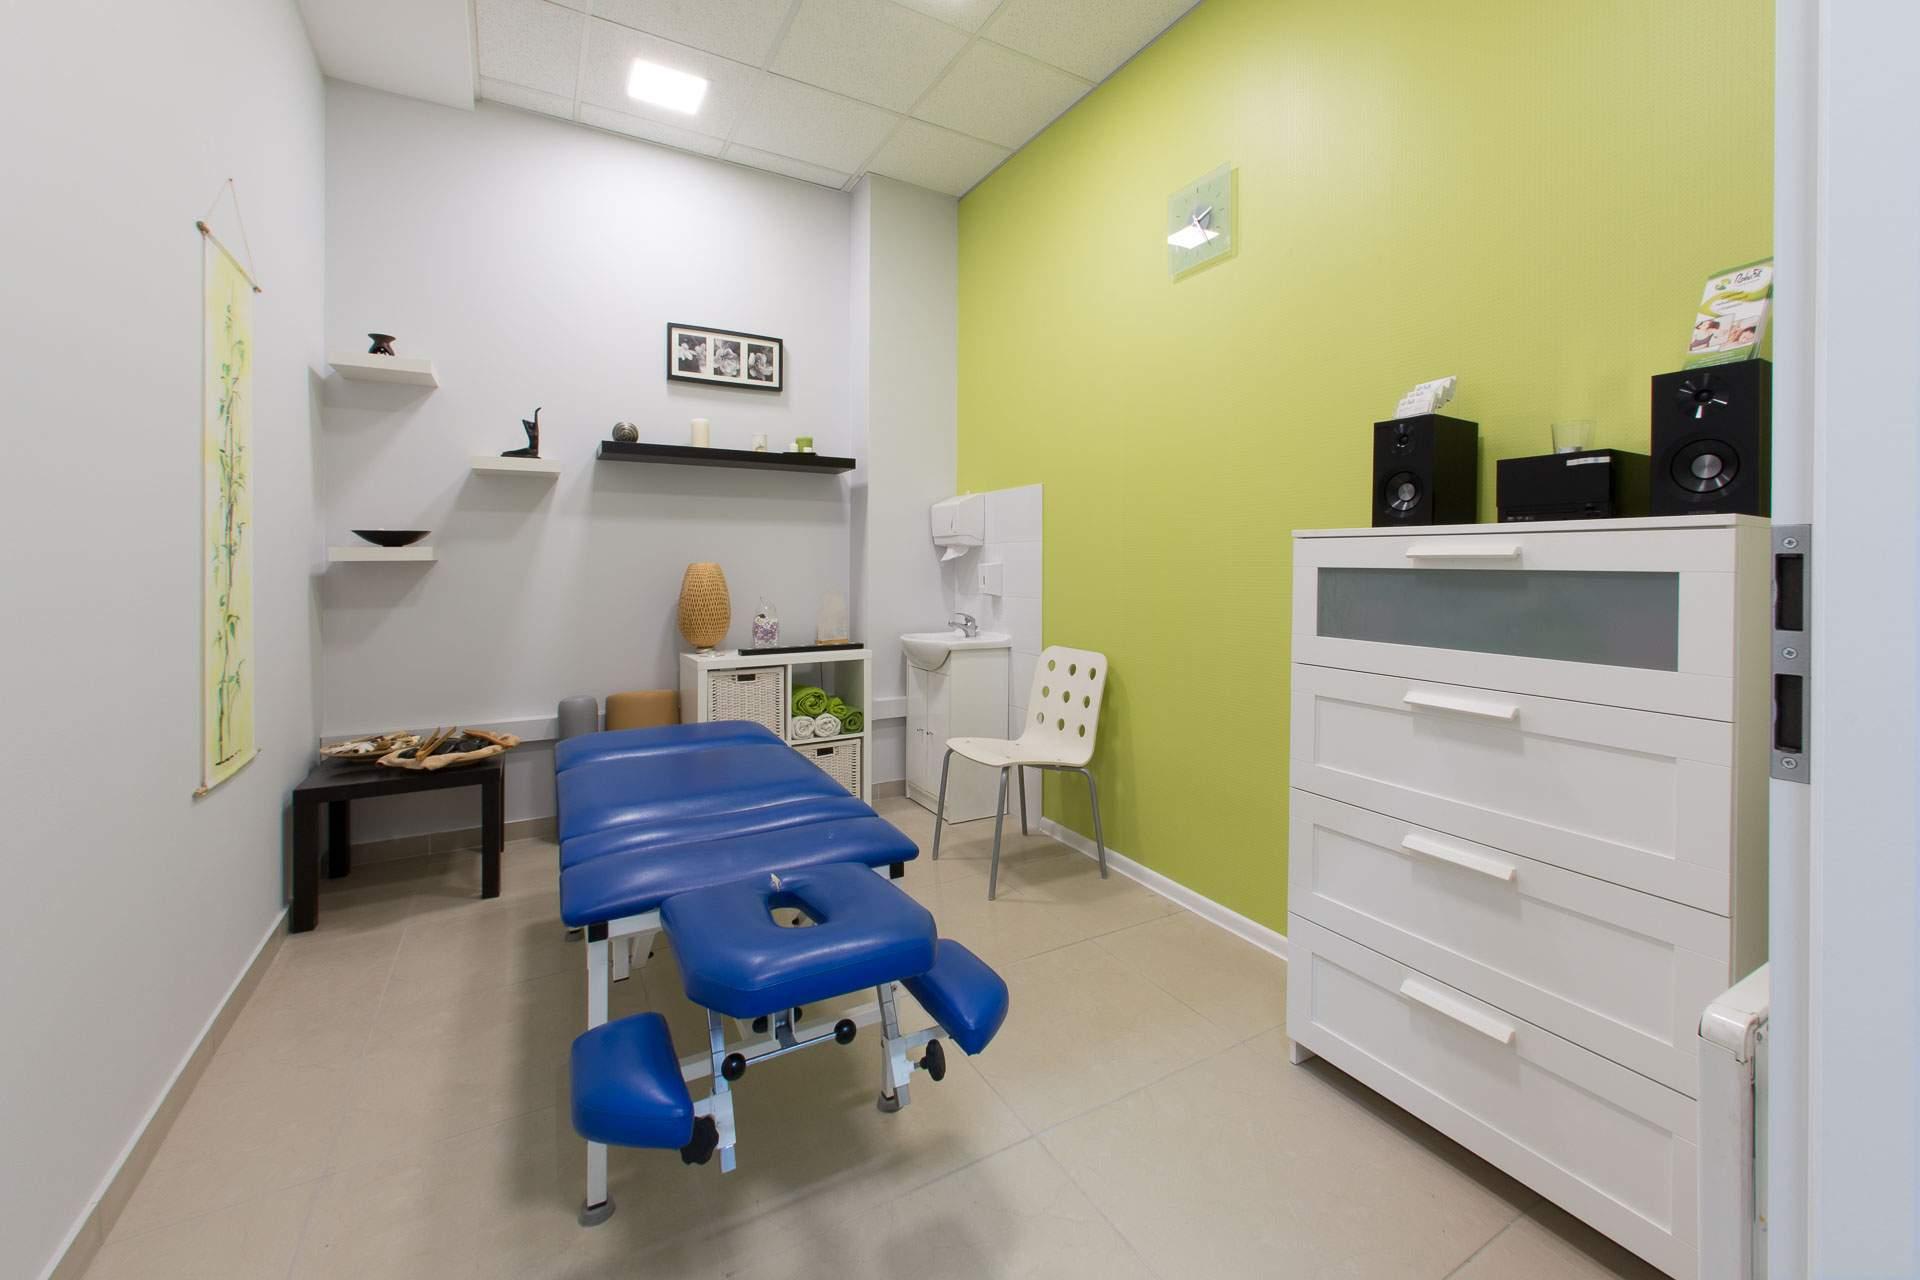 gabinet masażu relaksacyjnego w centrum RehaFit we Wrocławiu